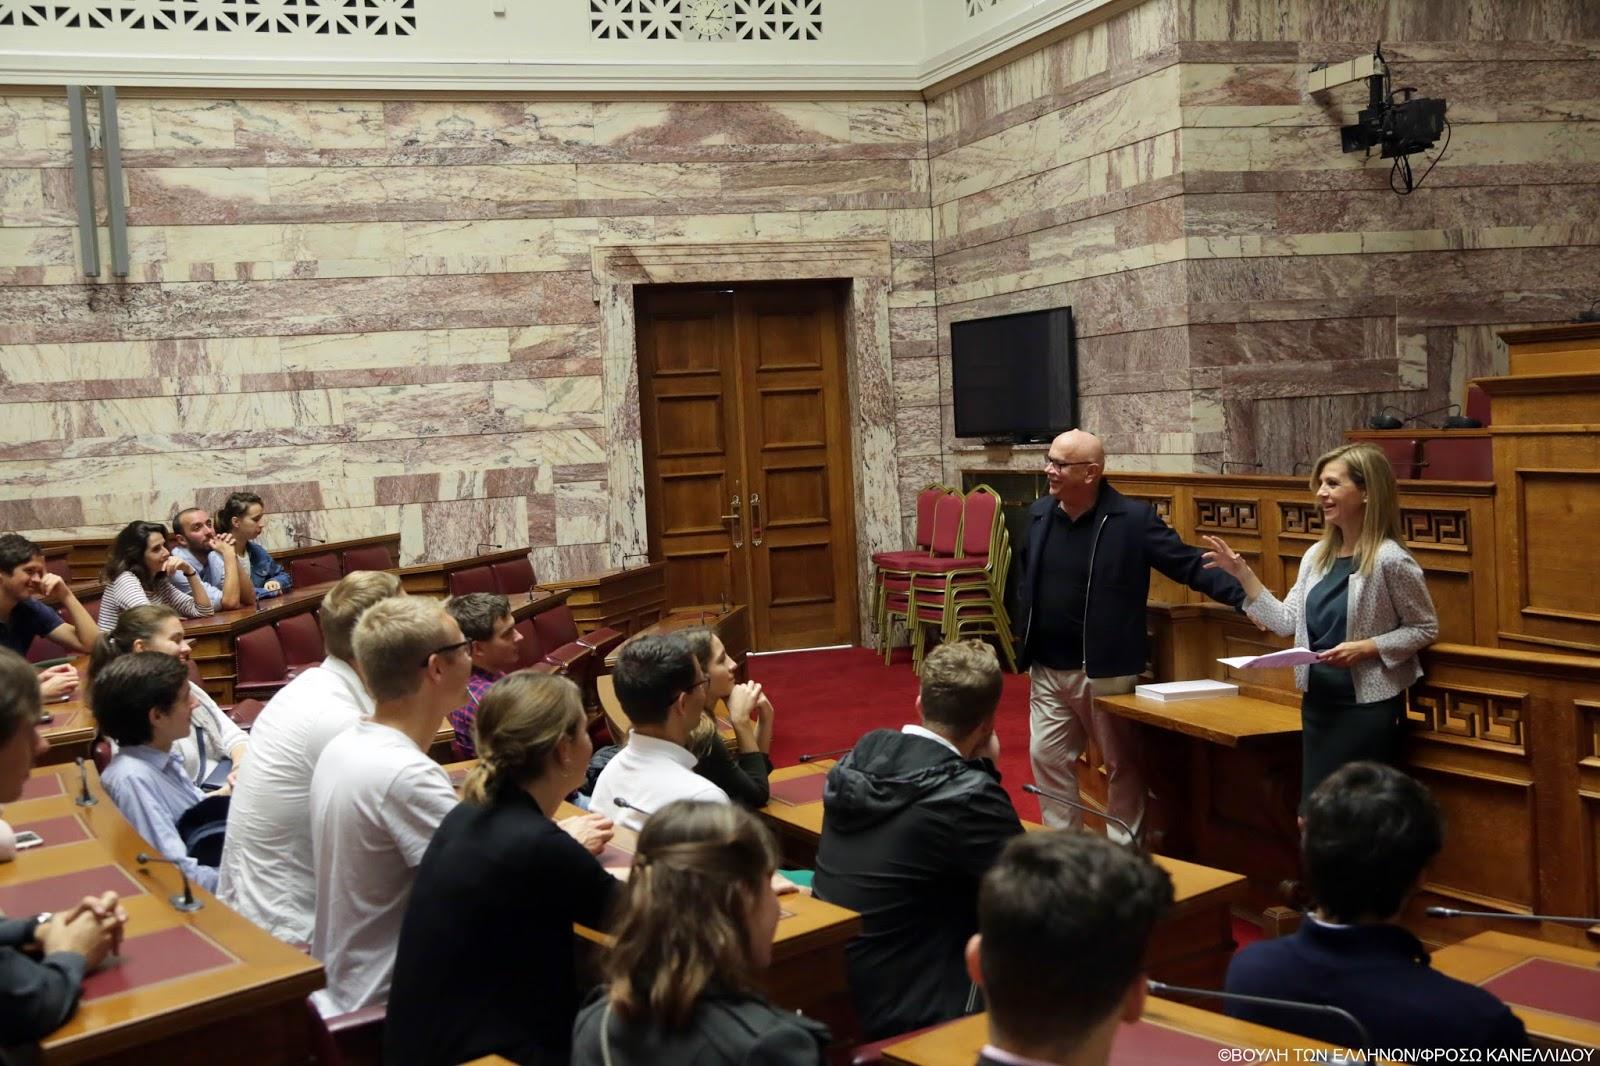 Επίσκεψη 50 φοιτητών από 35 ευρωπαϊκά πανεπιστήμια στη Βουλή